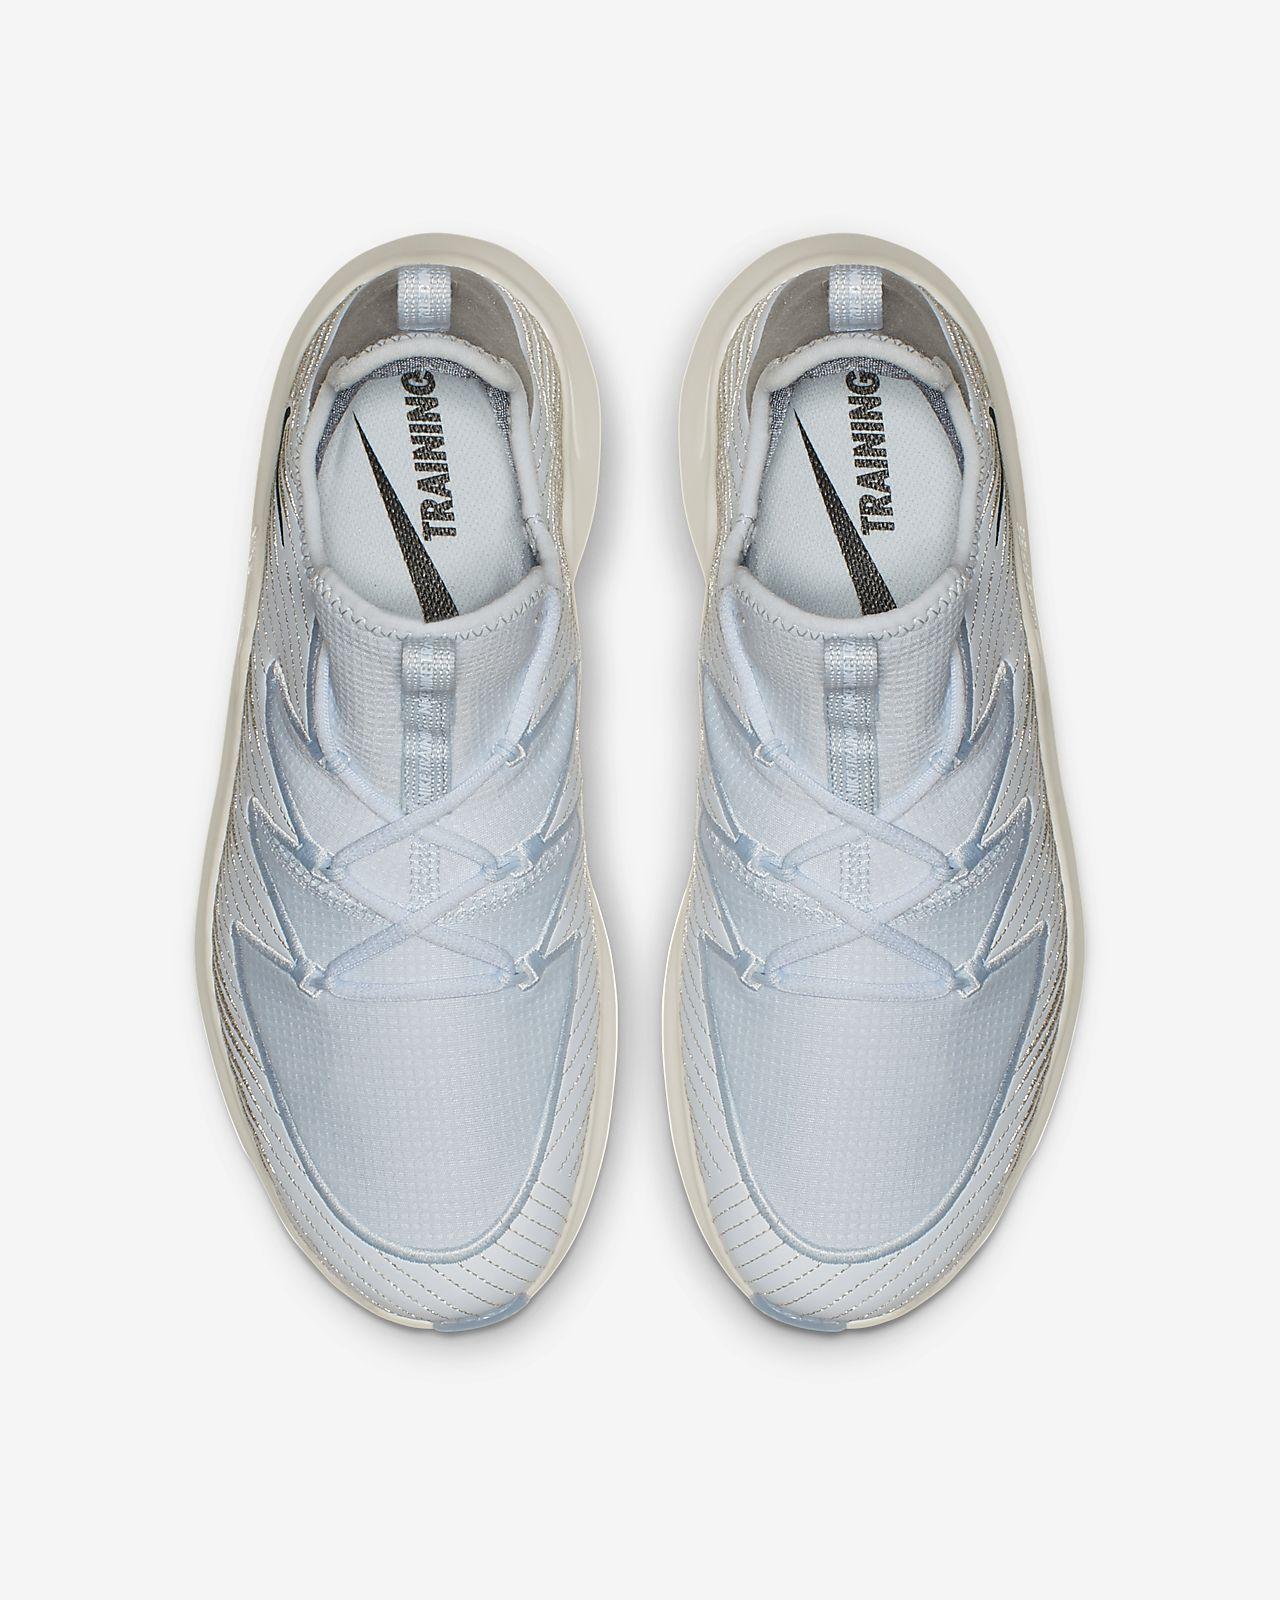 c7993d924f31a Nike Free TR 9 Metallic Zapatillas de entrenamiento - Mujer. Nike.com ES